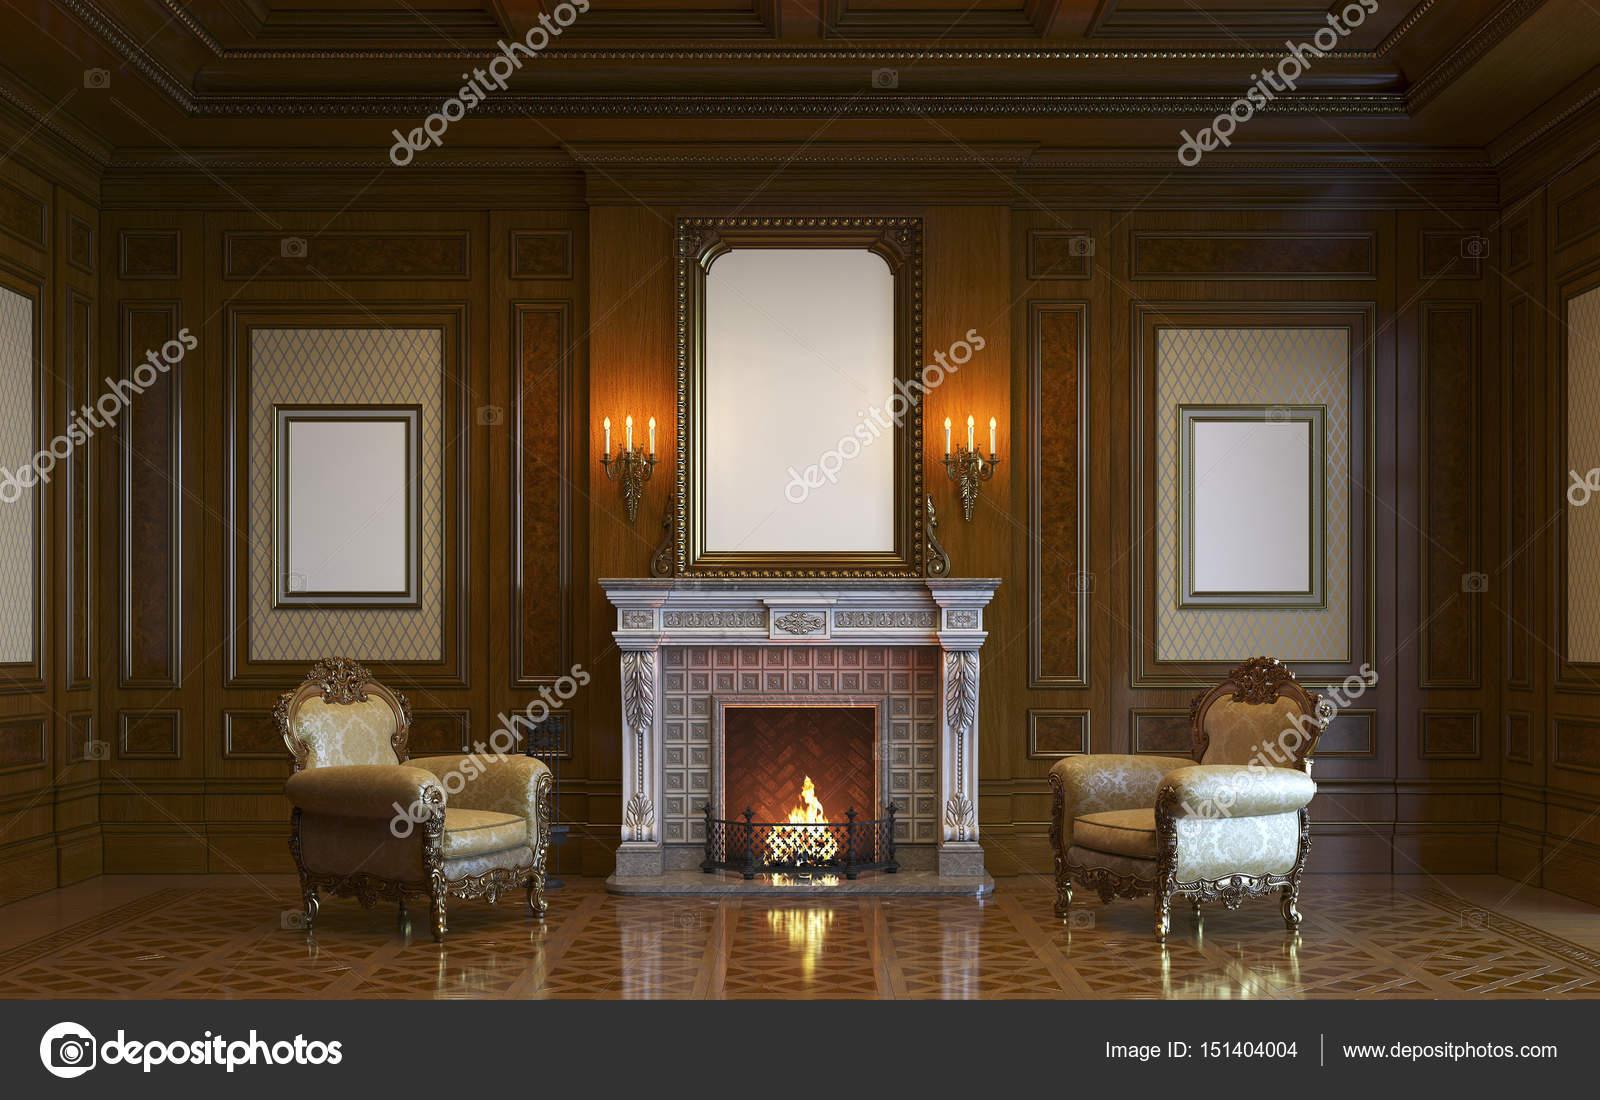 Een Klassiek Interieur : Een klassiek interieur met houten lambrisering en open haard d